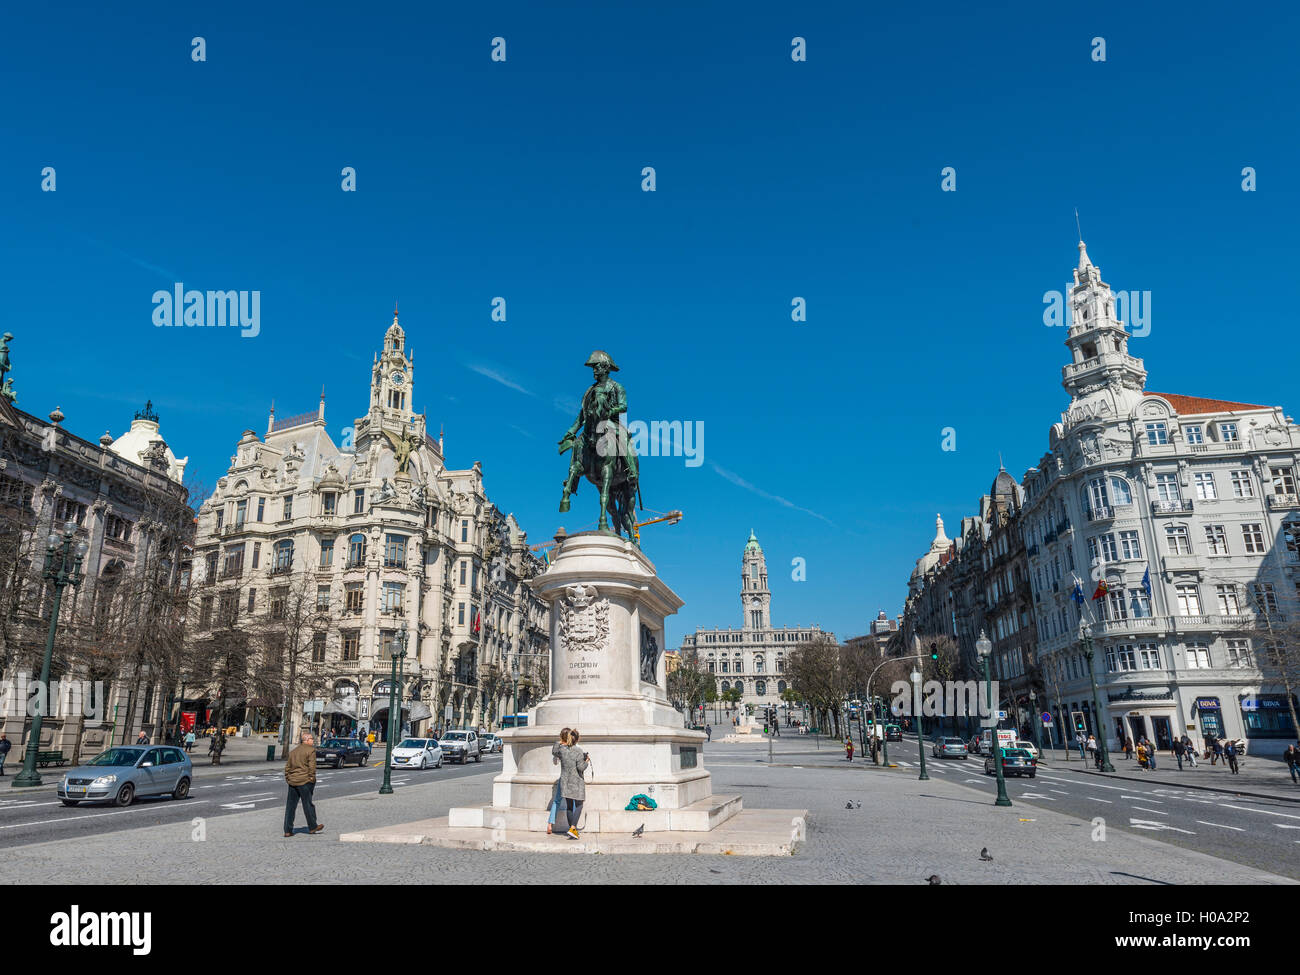 Statua equestre di Dom Pedro IV, Aliados Avenue e il municipio, Porto, Distretto di Porto, Portogallo Immagini Stock